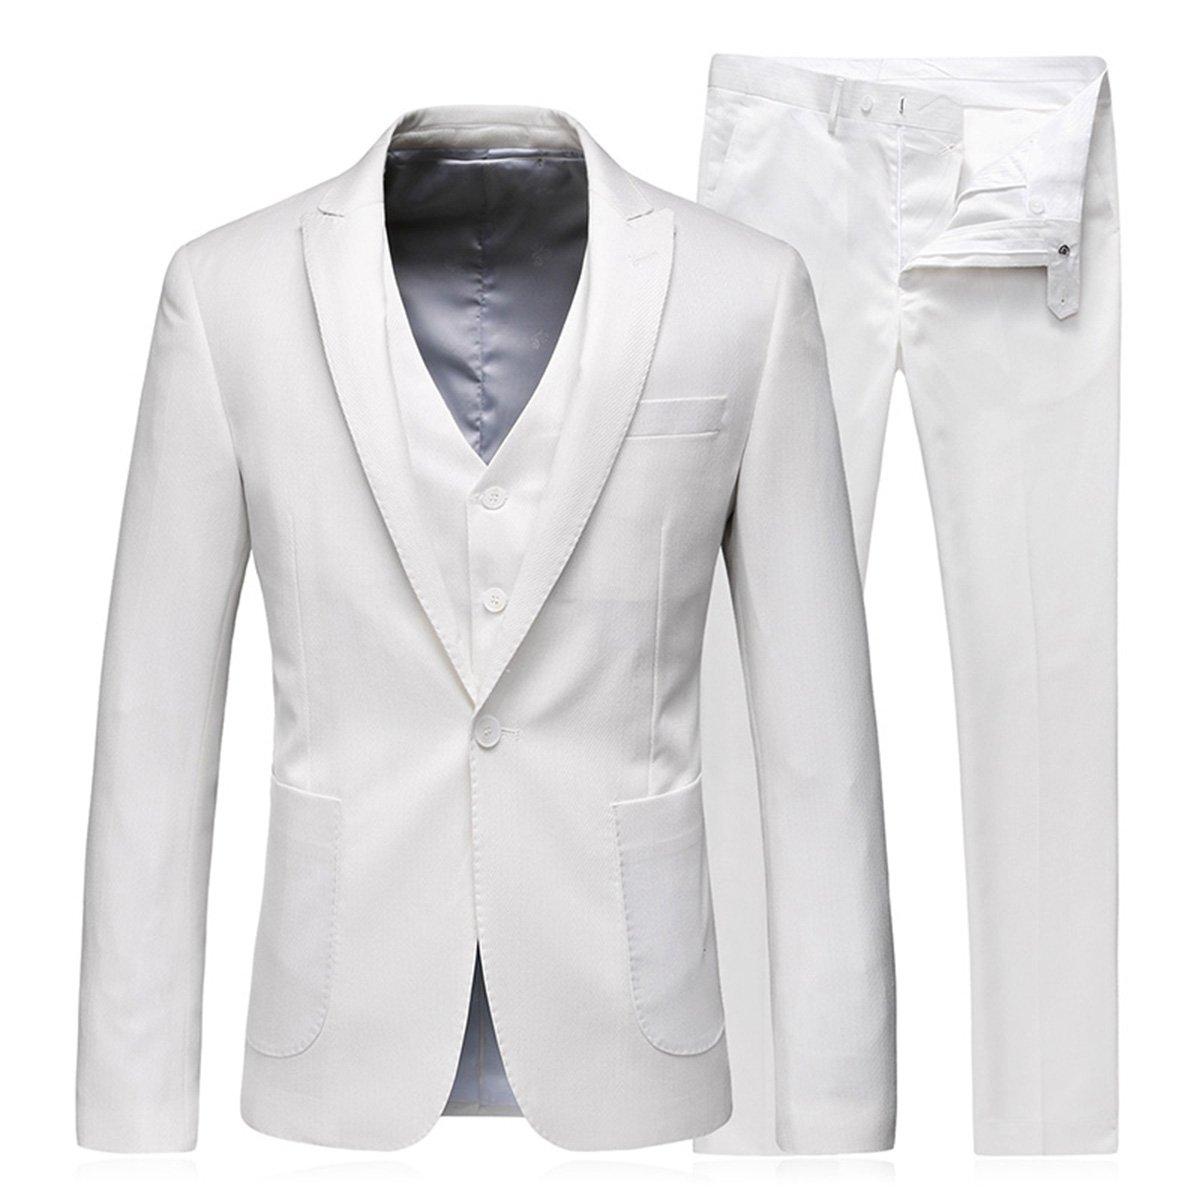 スーツ メンズ スリーピース 純色 WEEN CHARM ビジネス カジュアル 大きいサイズ 結婚式 xs/s/m/l/xl/2xl/3xl/4xl B075M69P2J XS ホワイト ホワイト XS